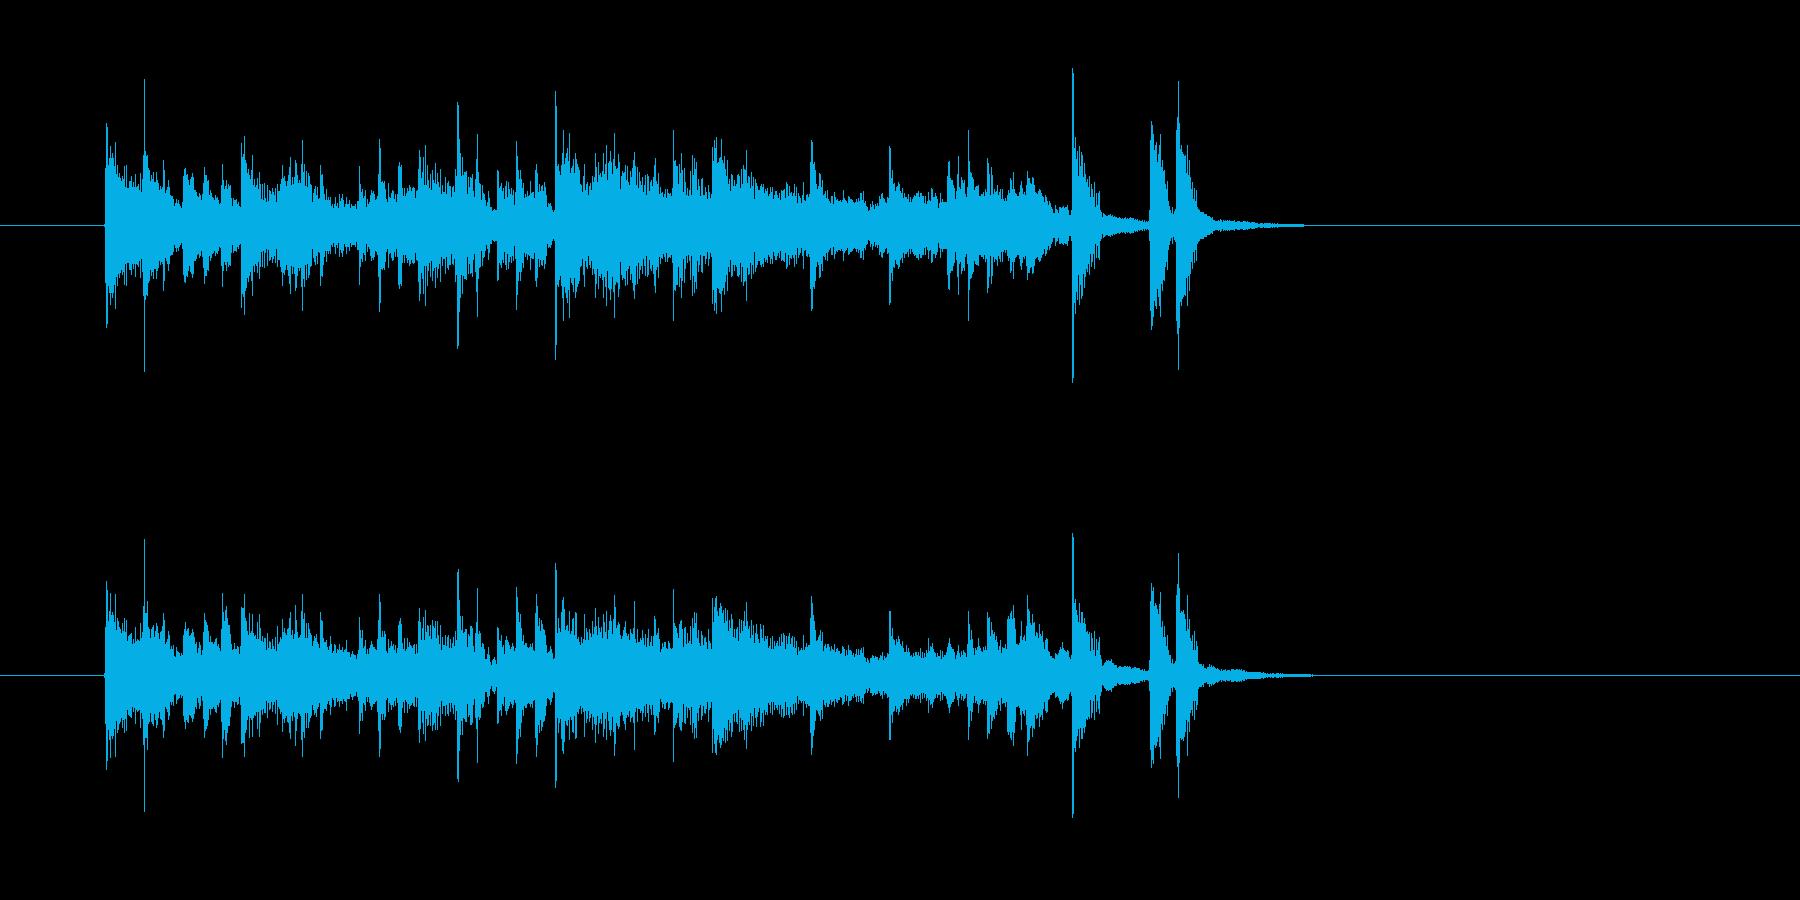 ニュース 報道番組 知的 シンセサイザーの再生済みの波形